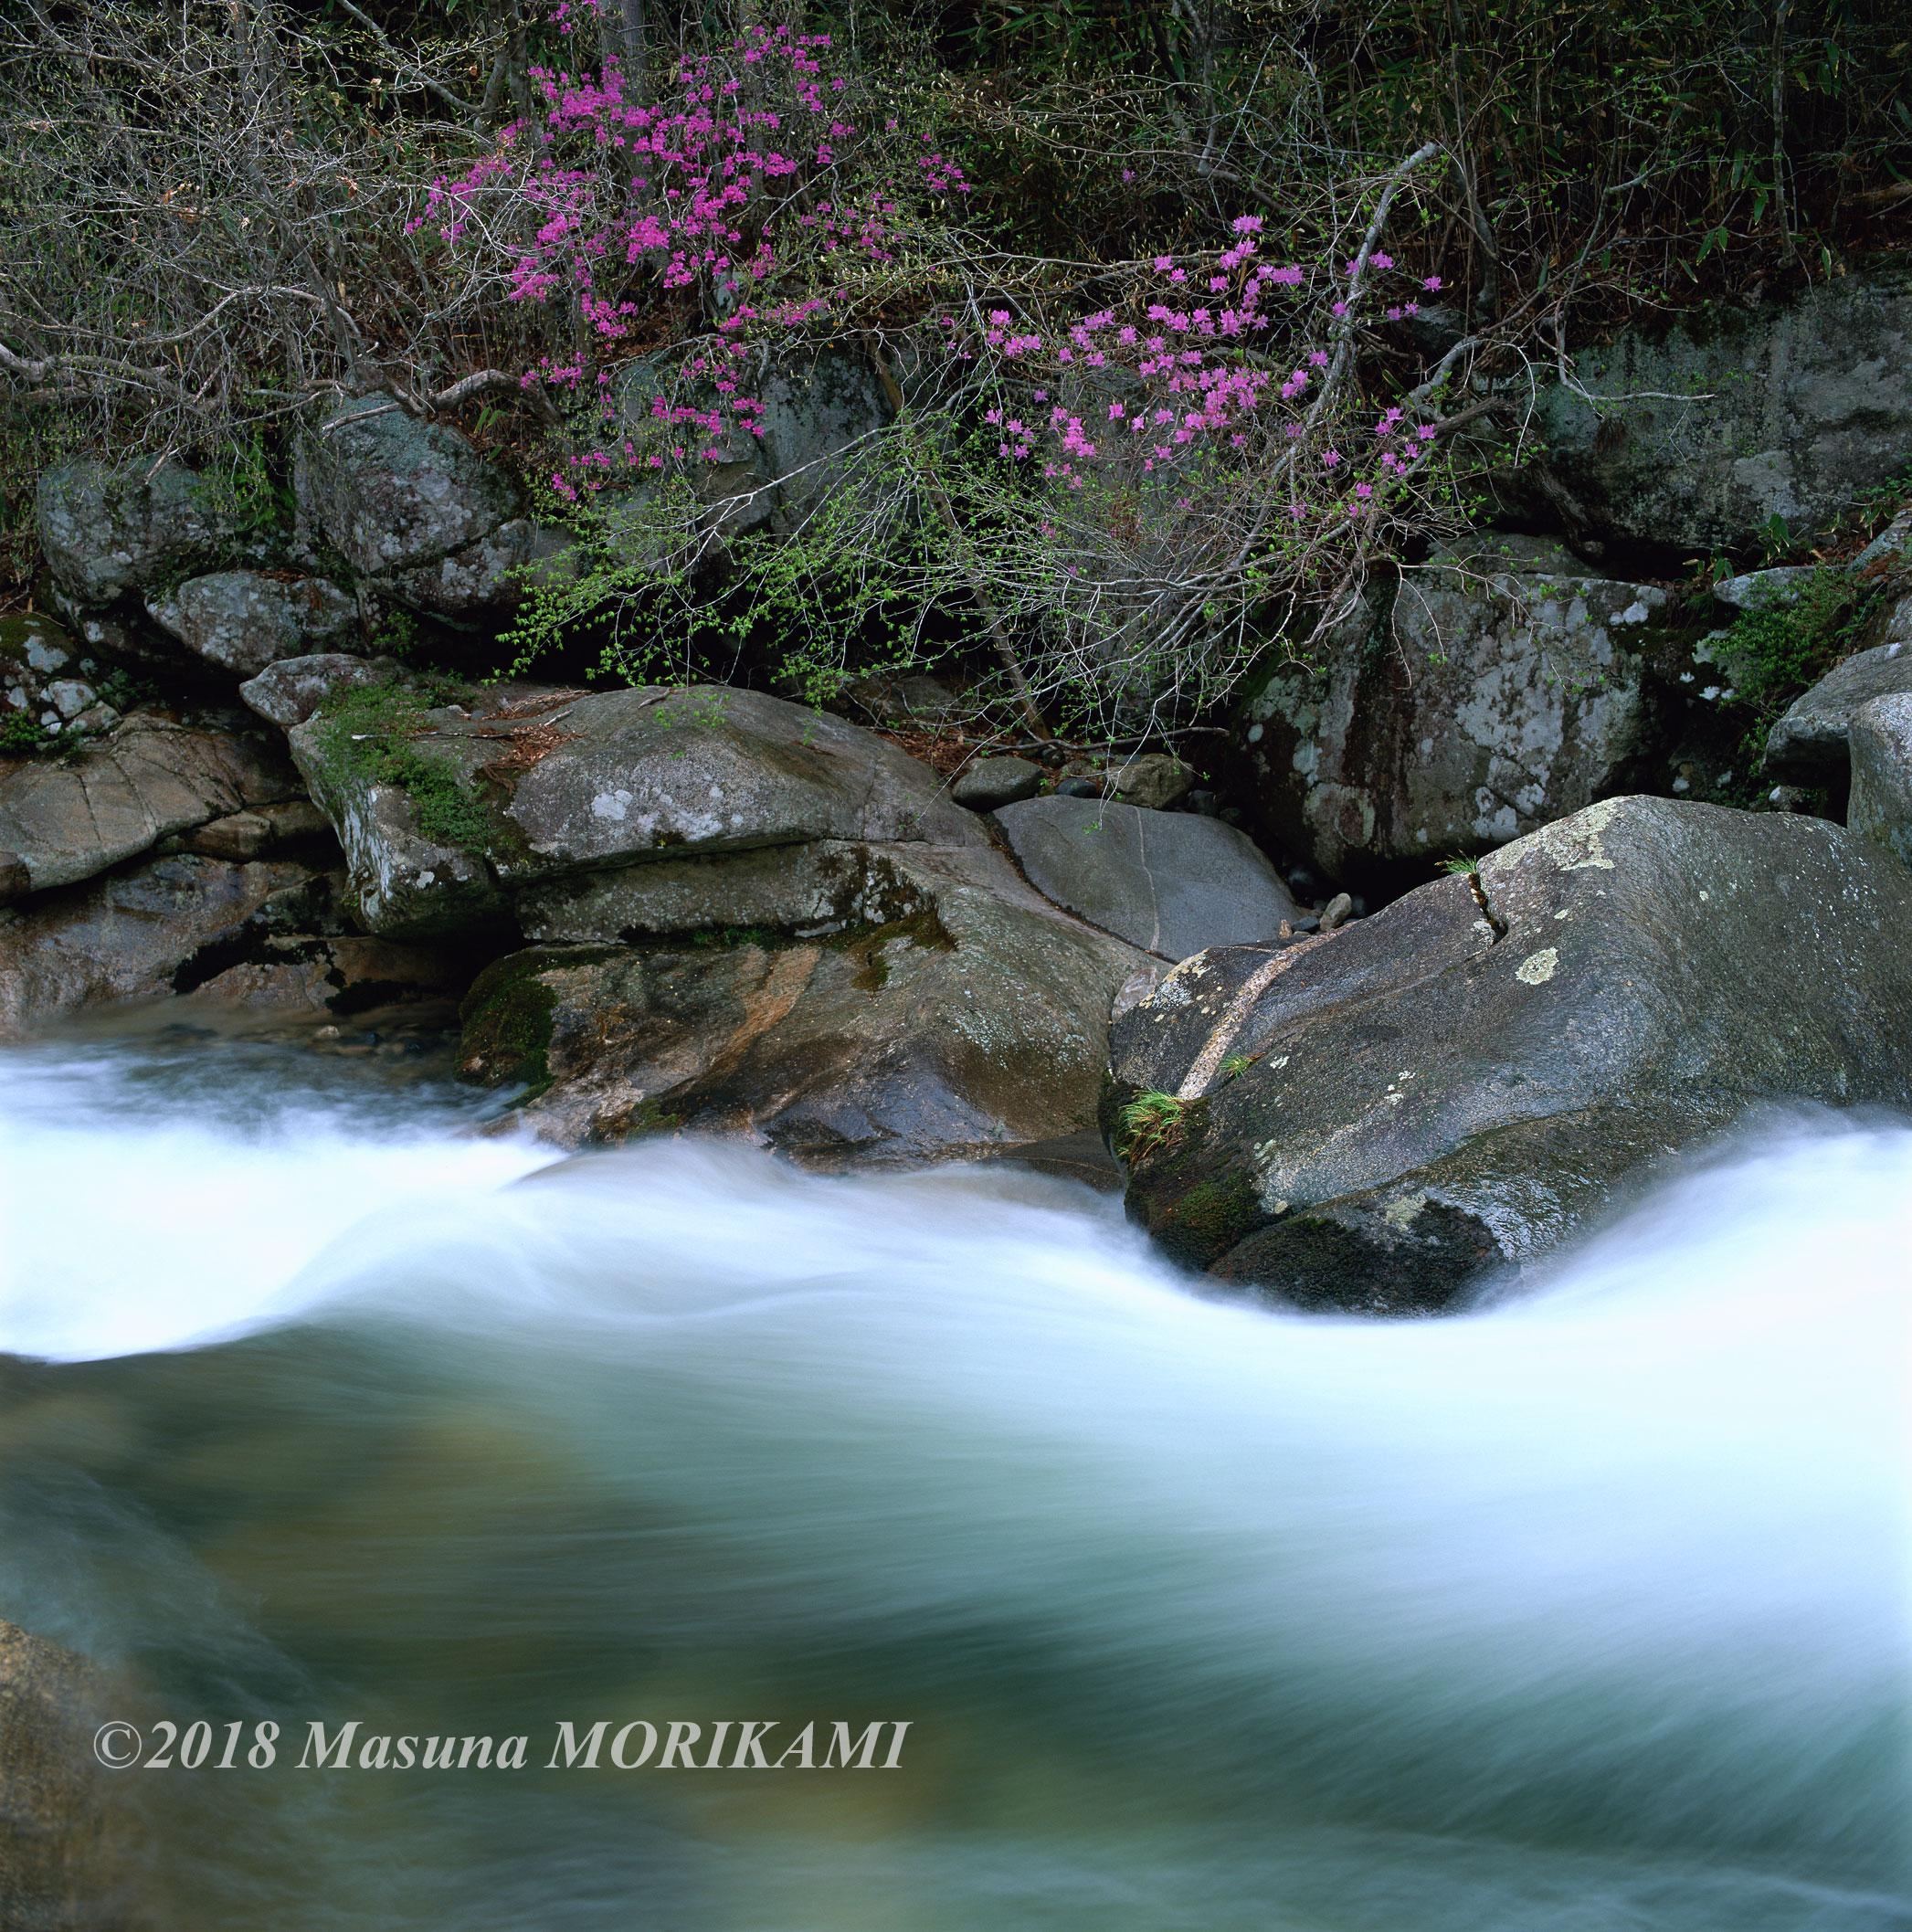 06 清流にそえて/長野県根羽村/2011.4.30 13:43